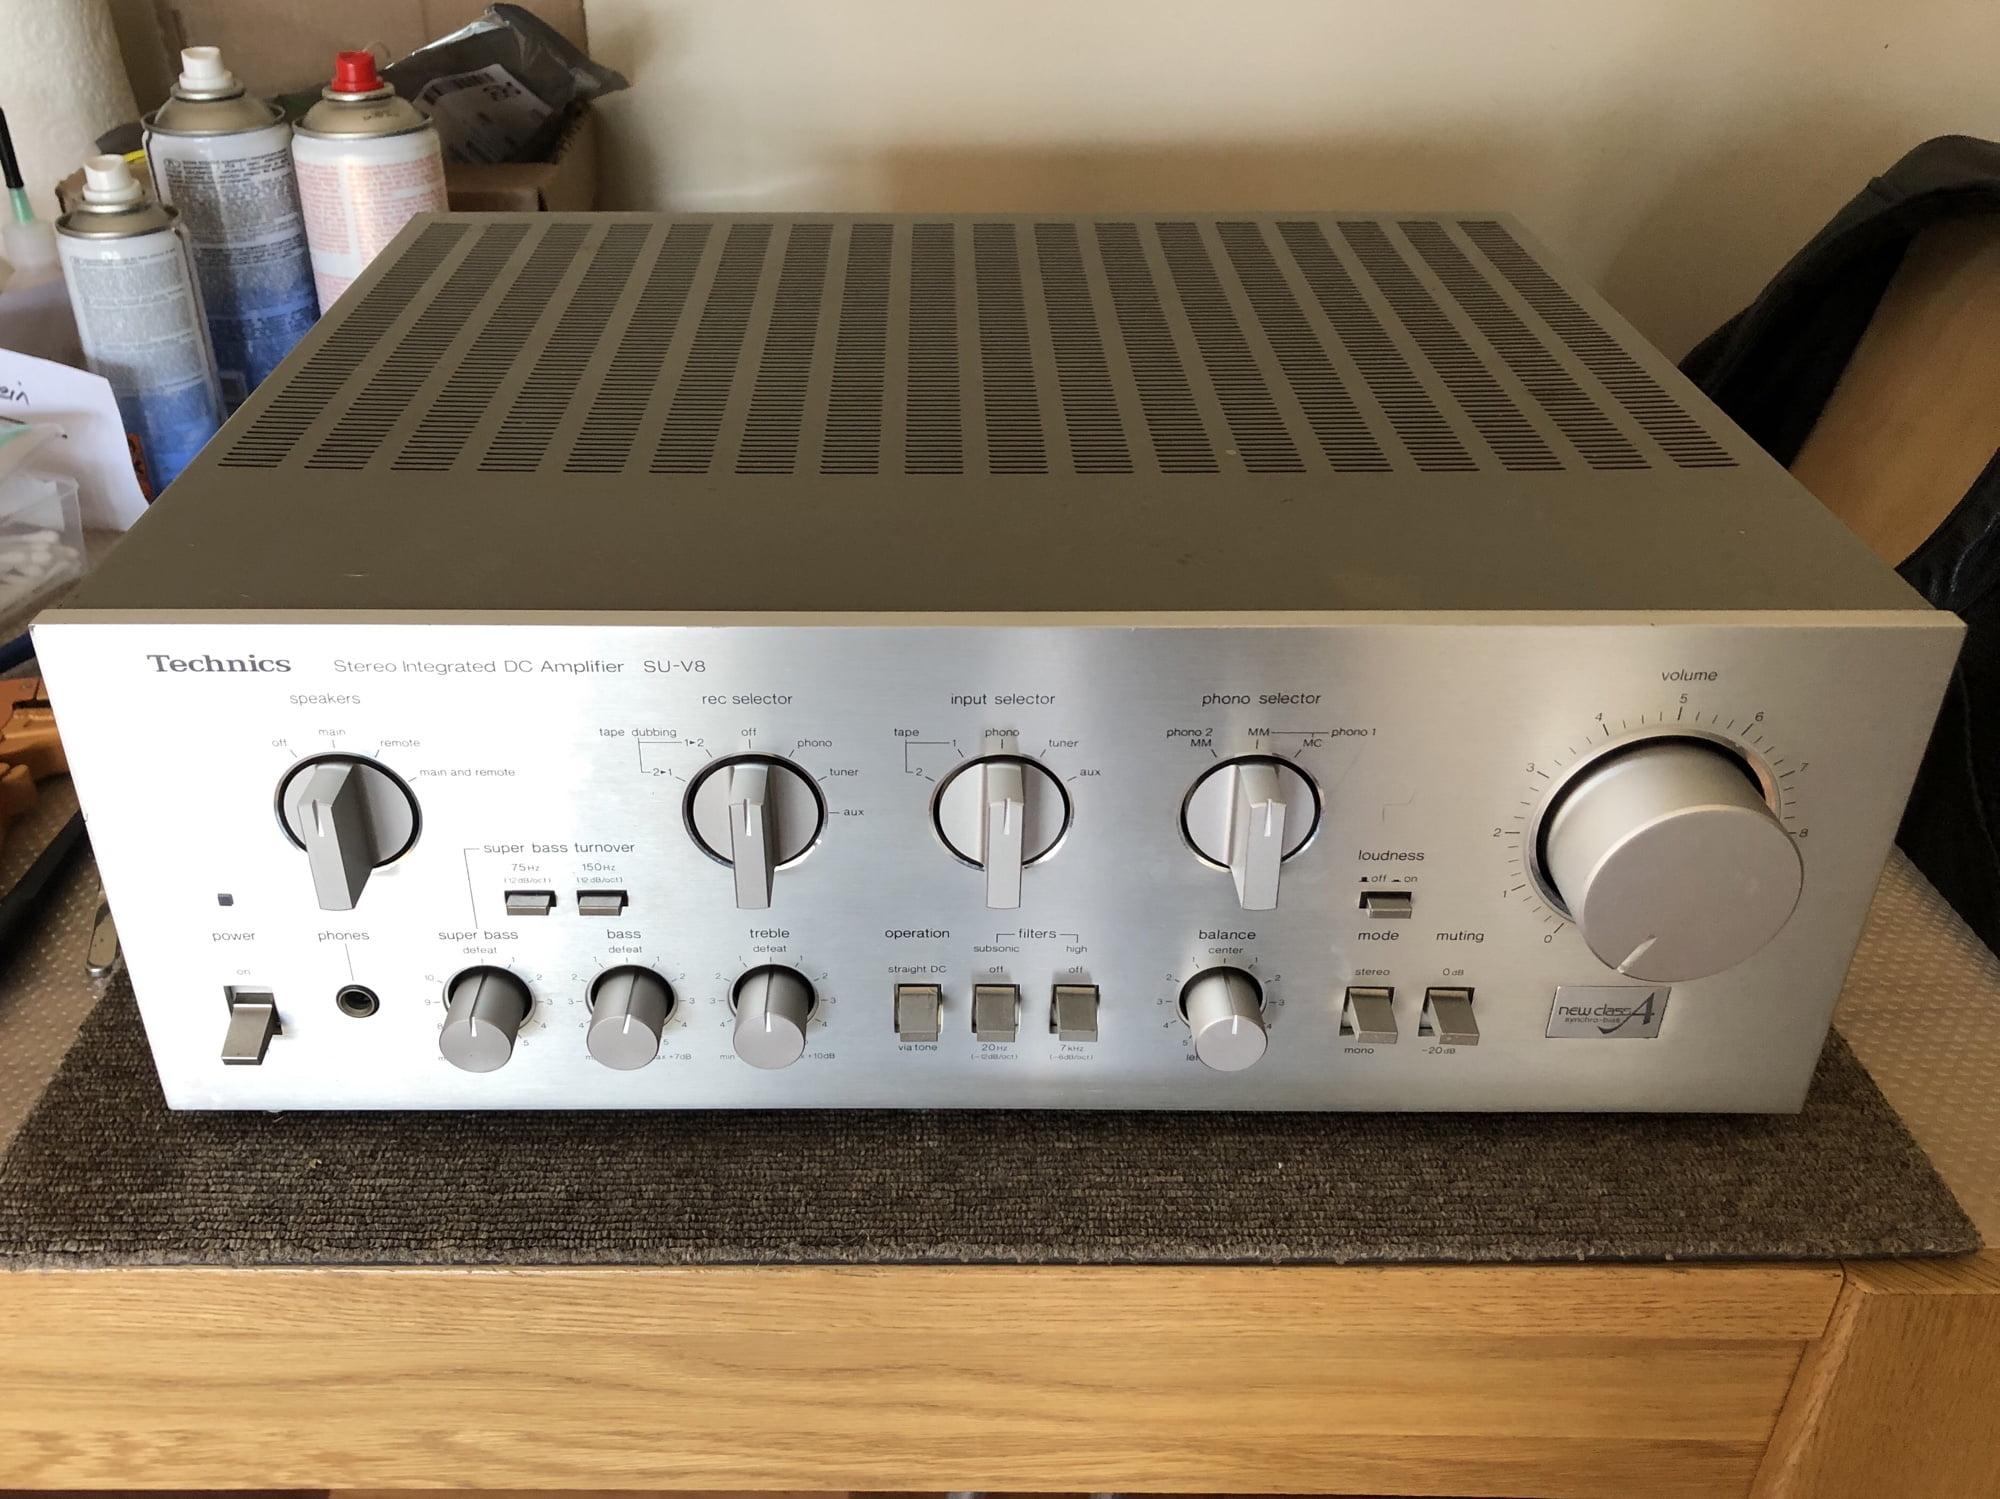 Lovely Technics SU-V8 Amplifier Repair & Service